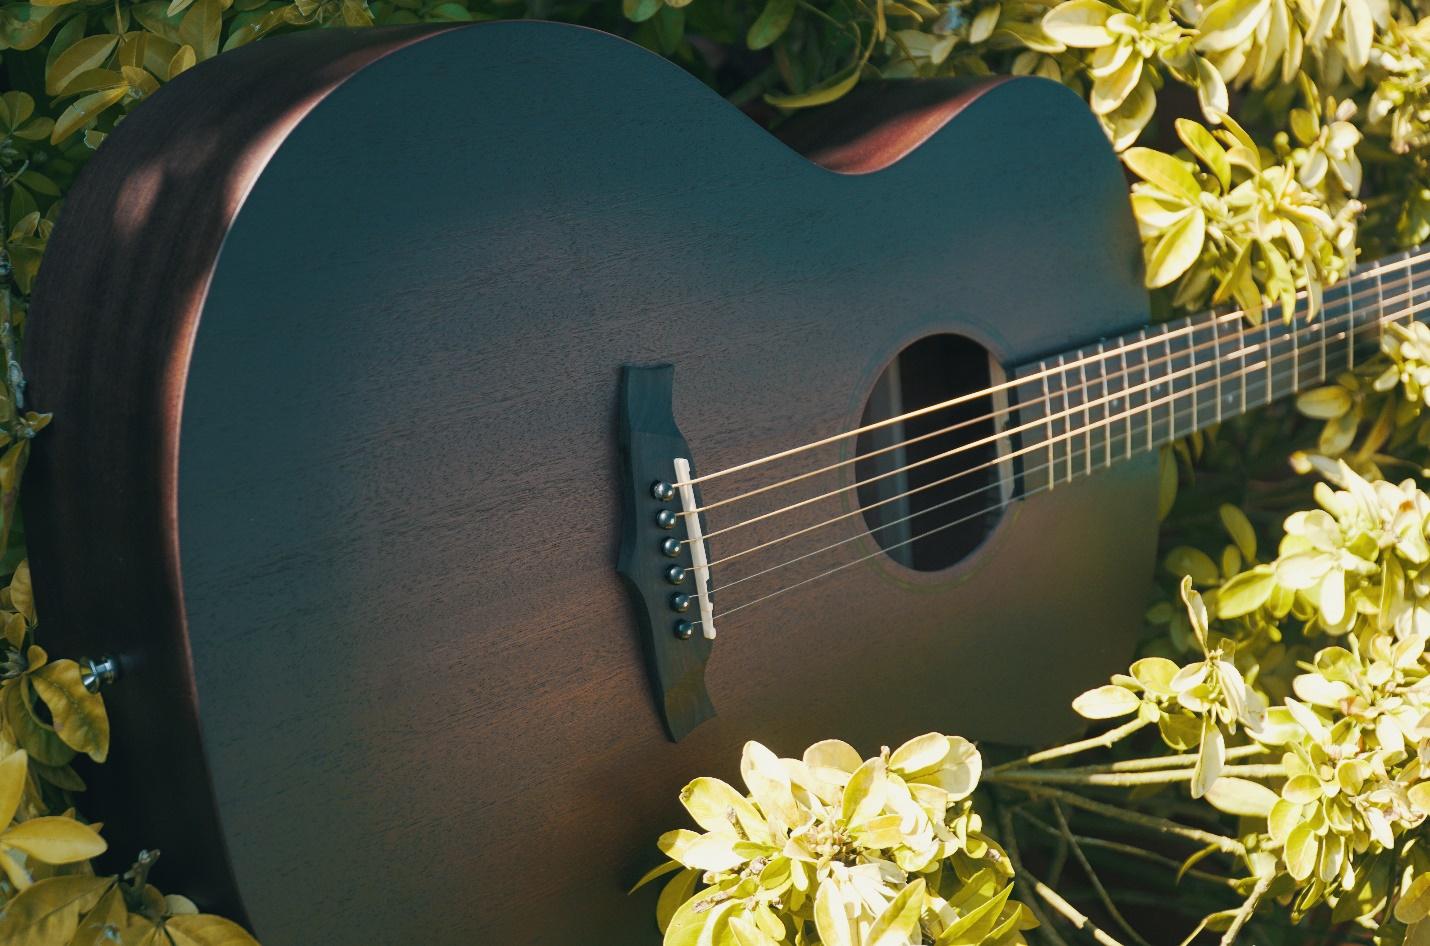 Đàn guitar Crossroad khiến người chơi đều đặc biệt trân trọng